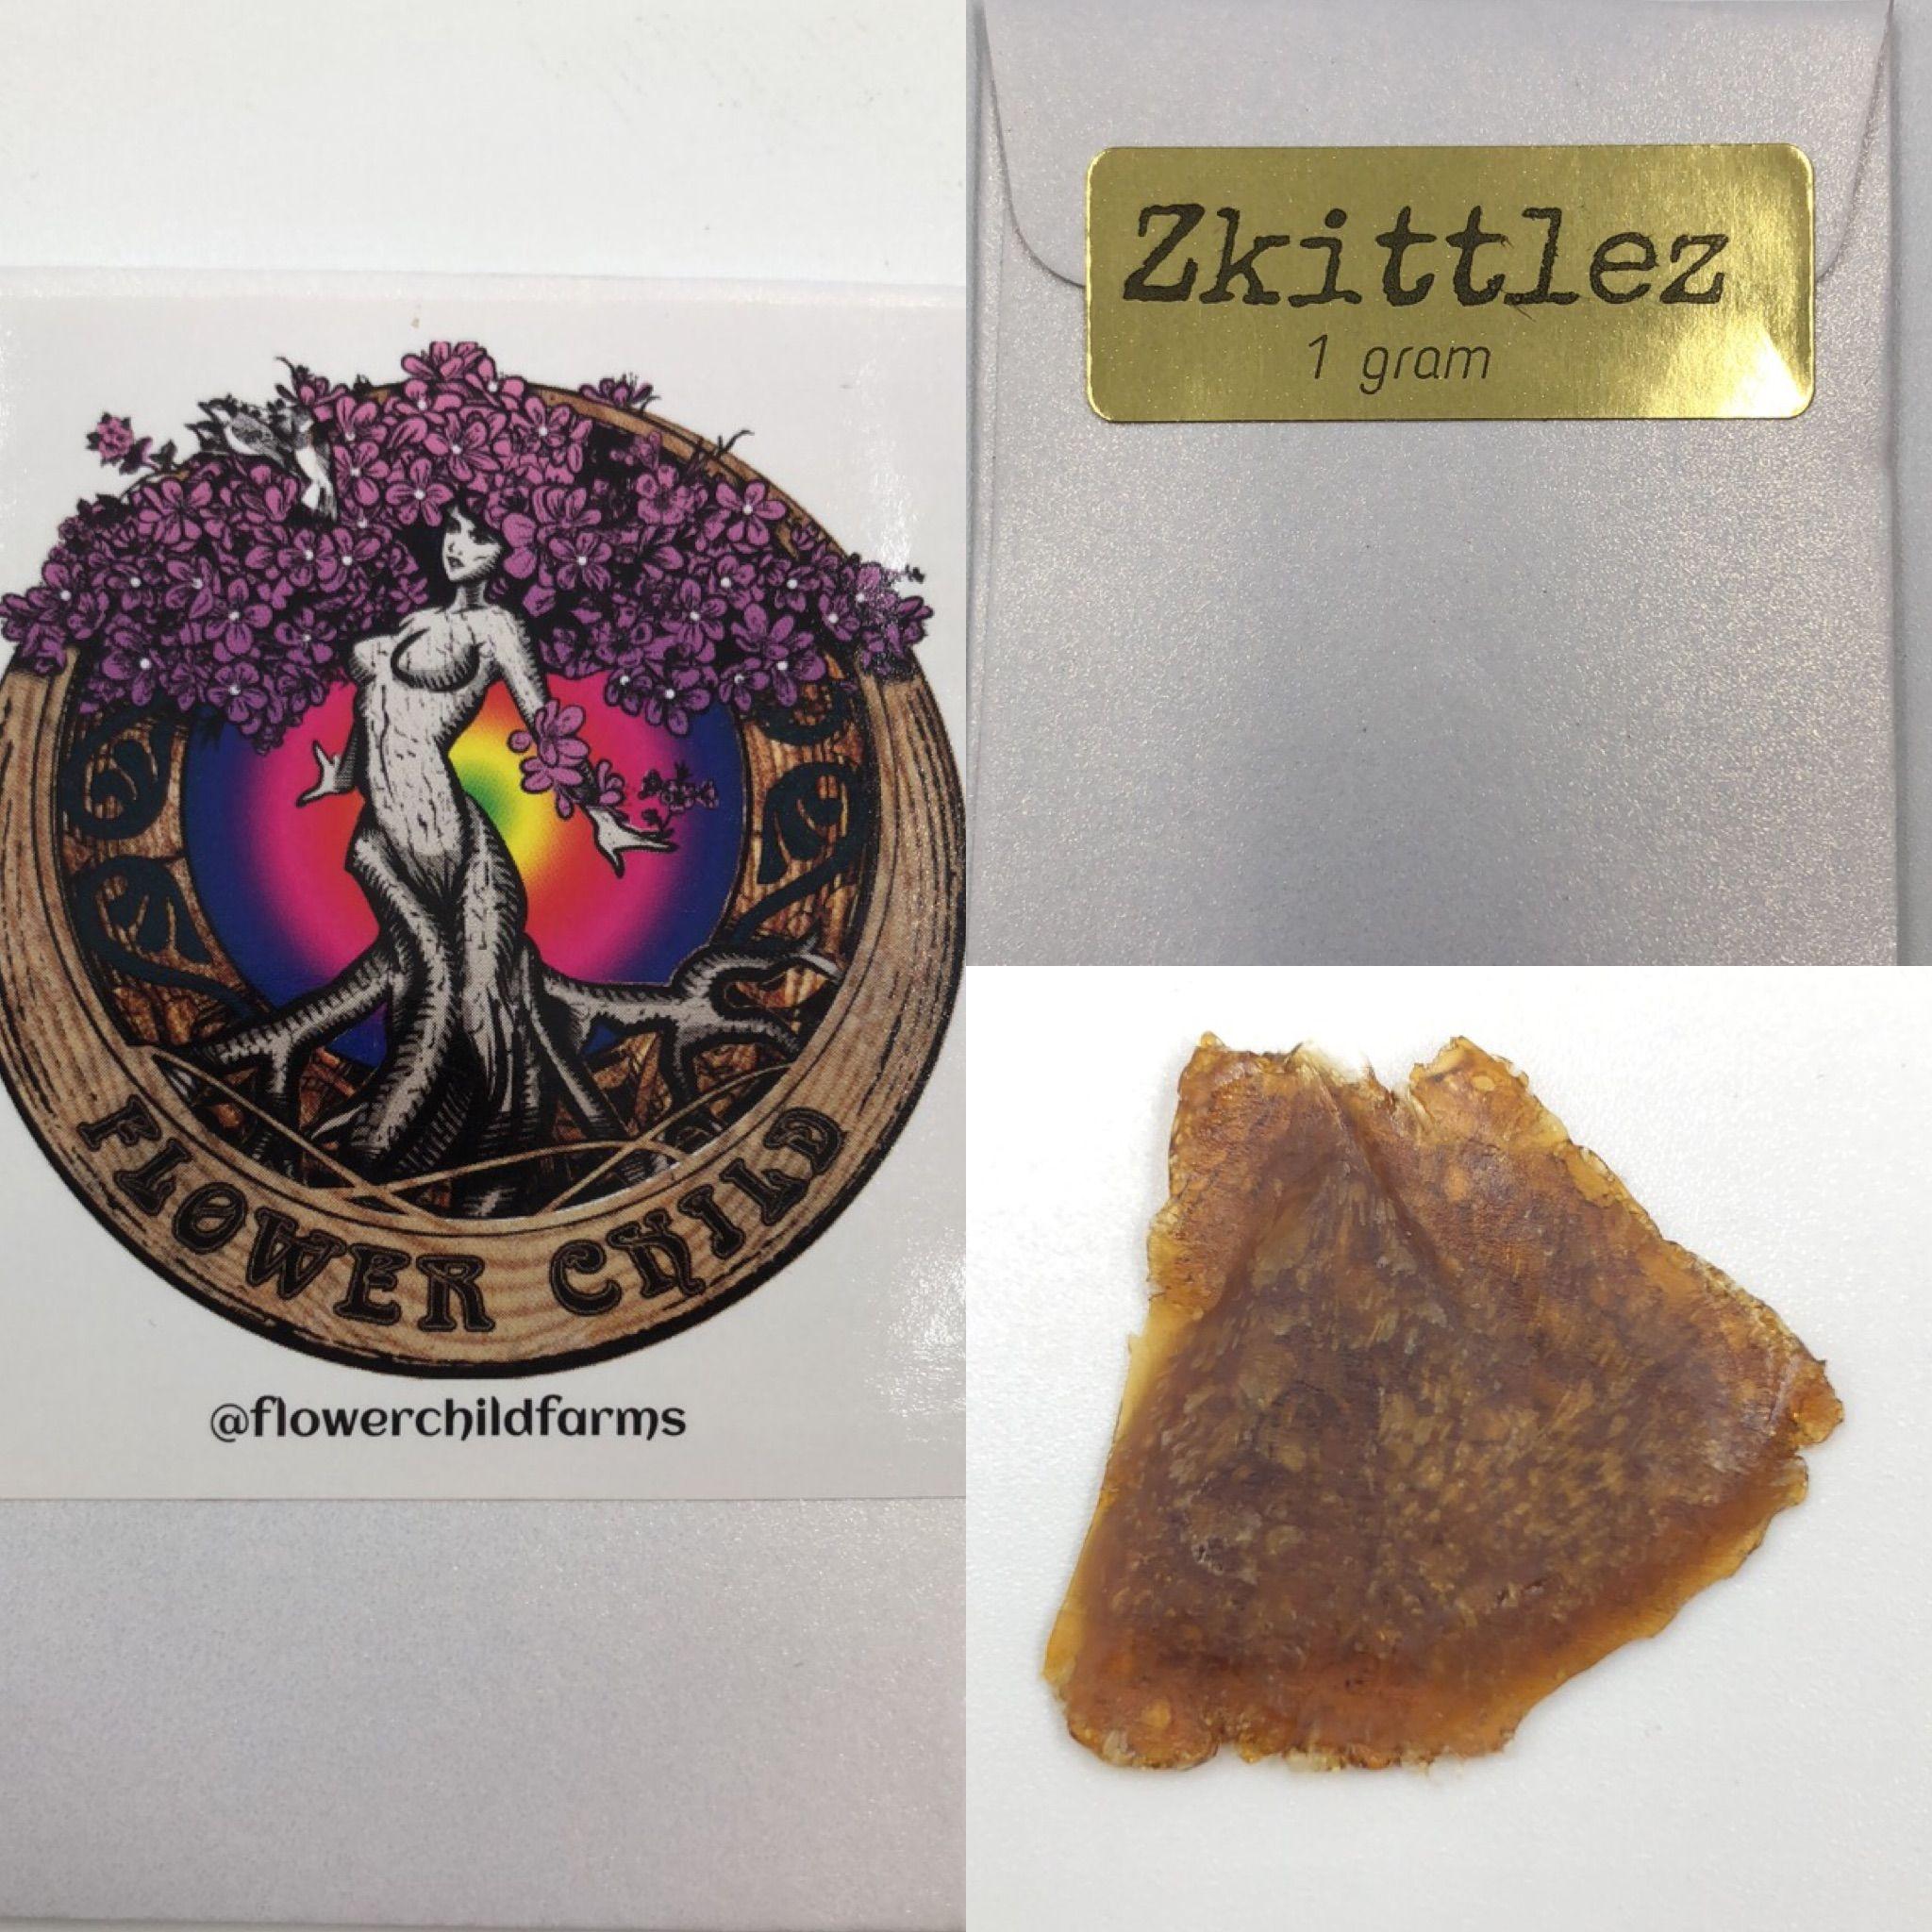 Zkittlez Shatter (FlowerChild Farms)